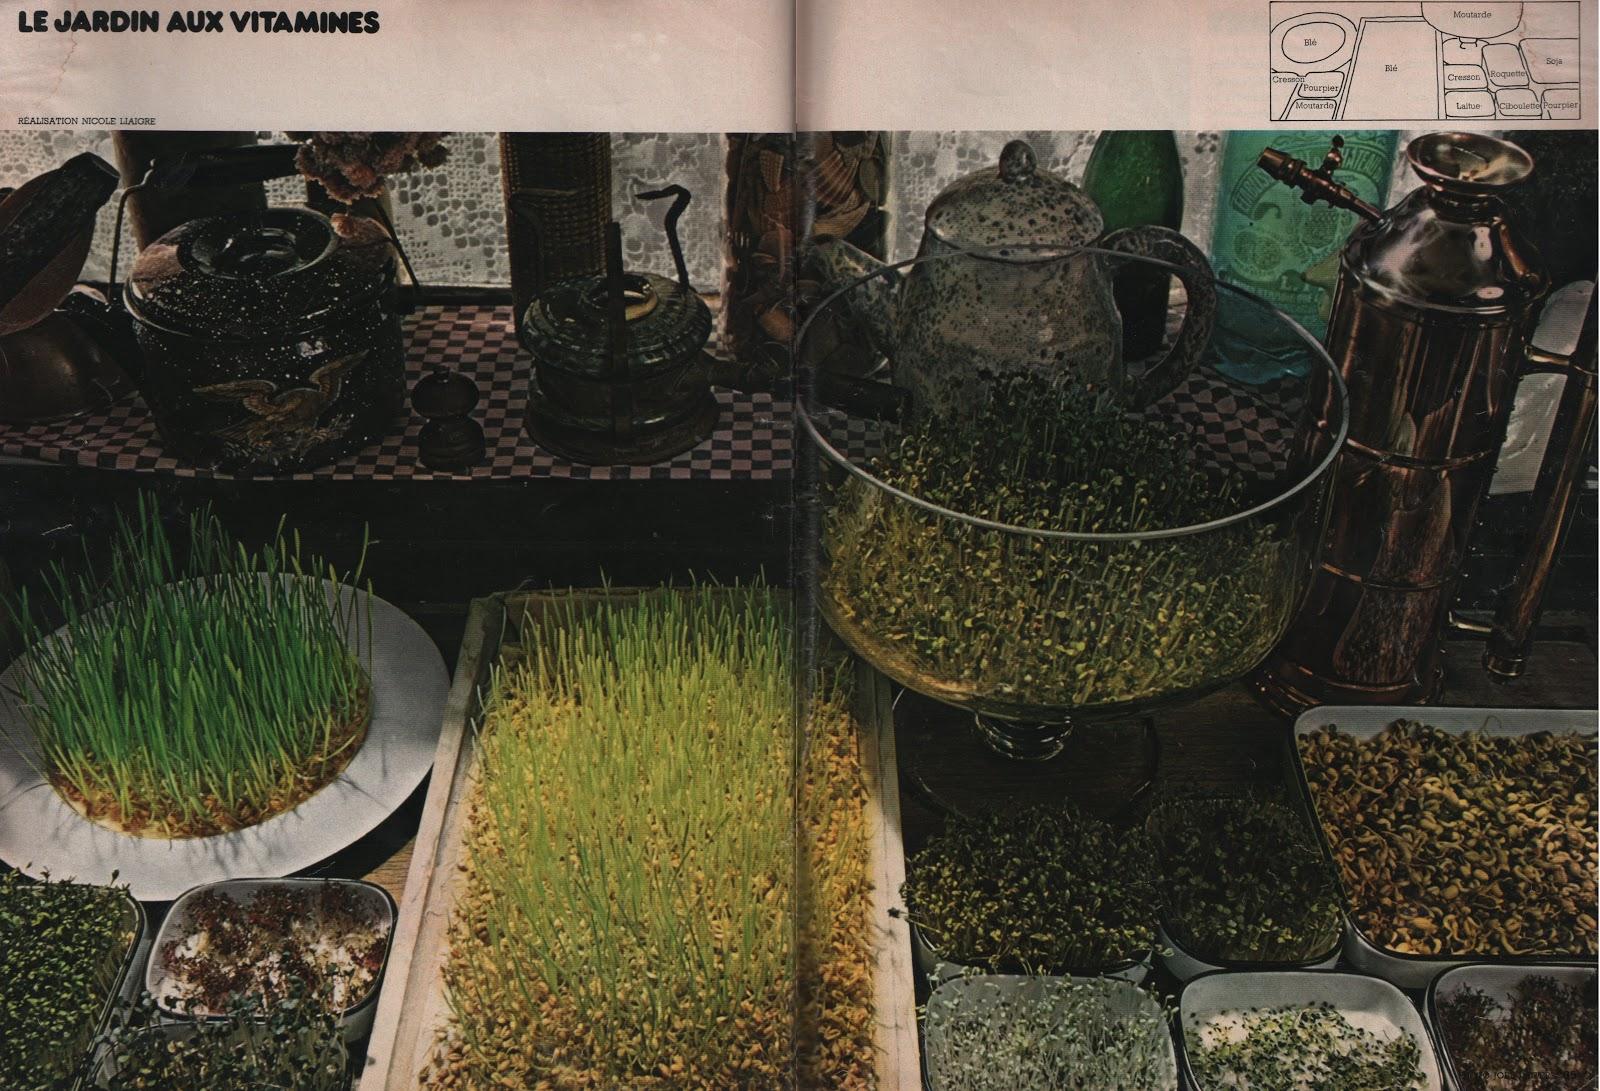 Savez vous planter chez vous le jardin aux vitamines for Le jardin aux 100 secrets